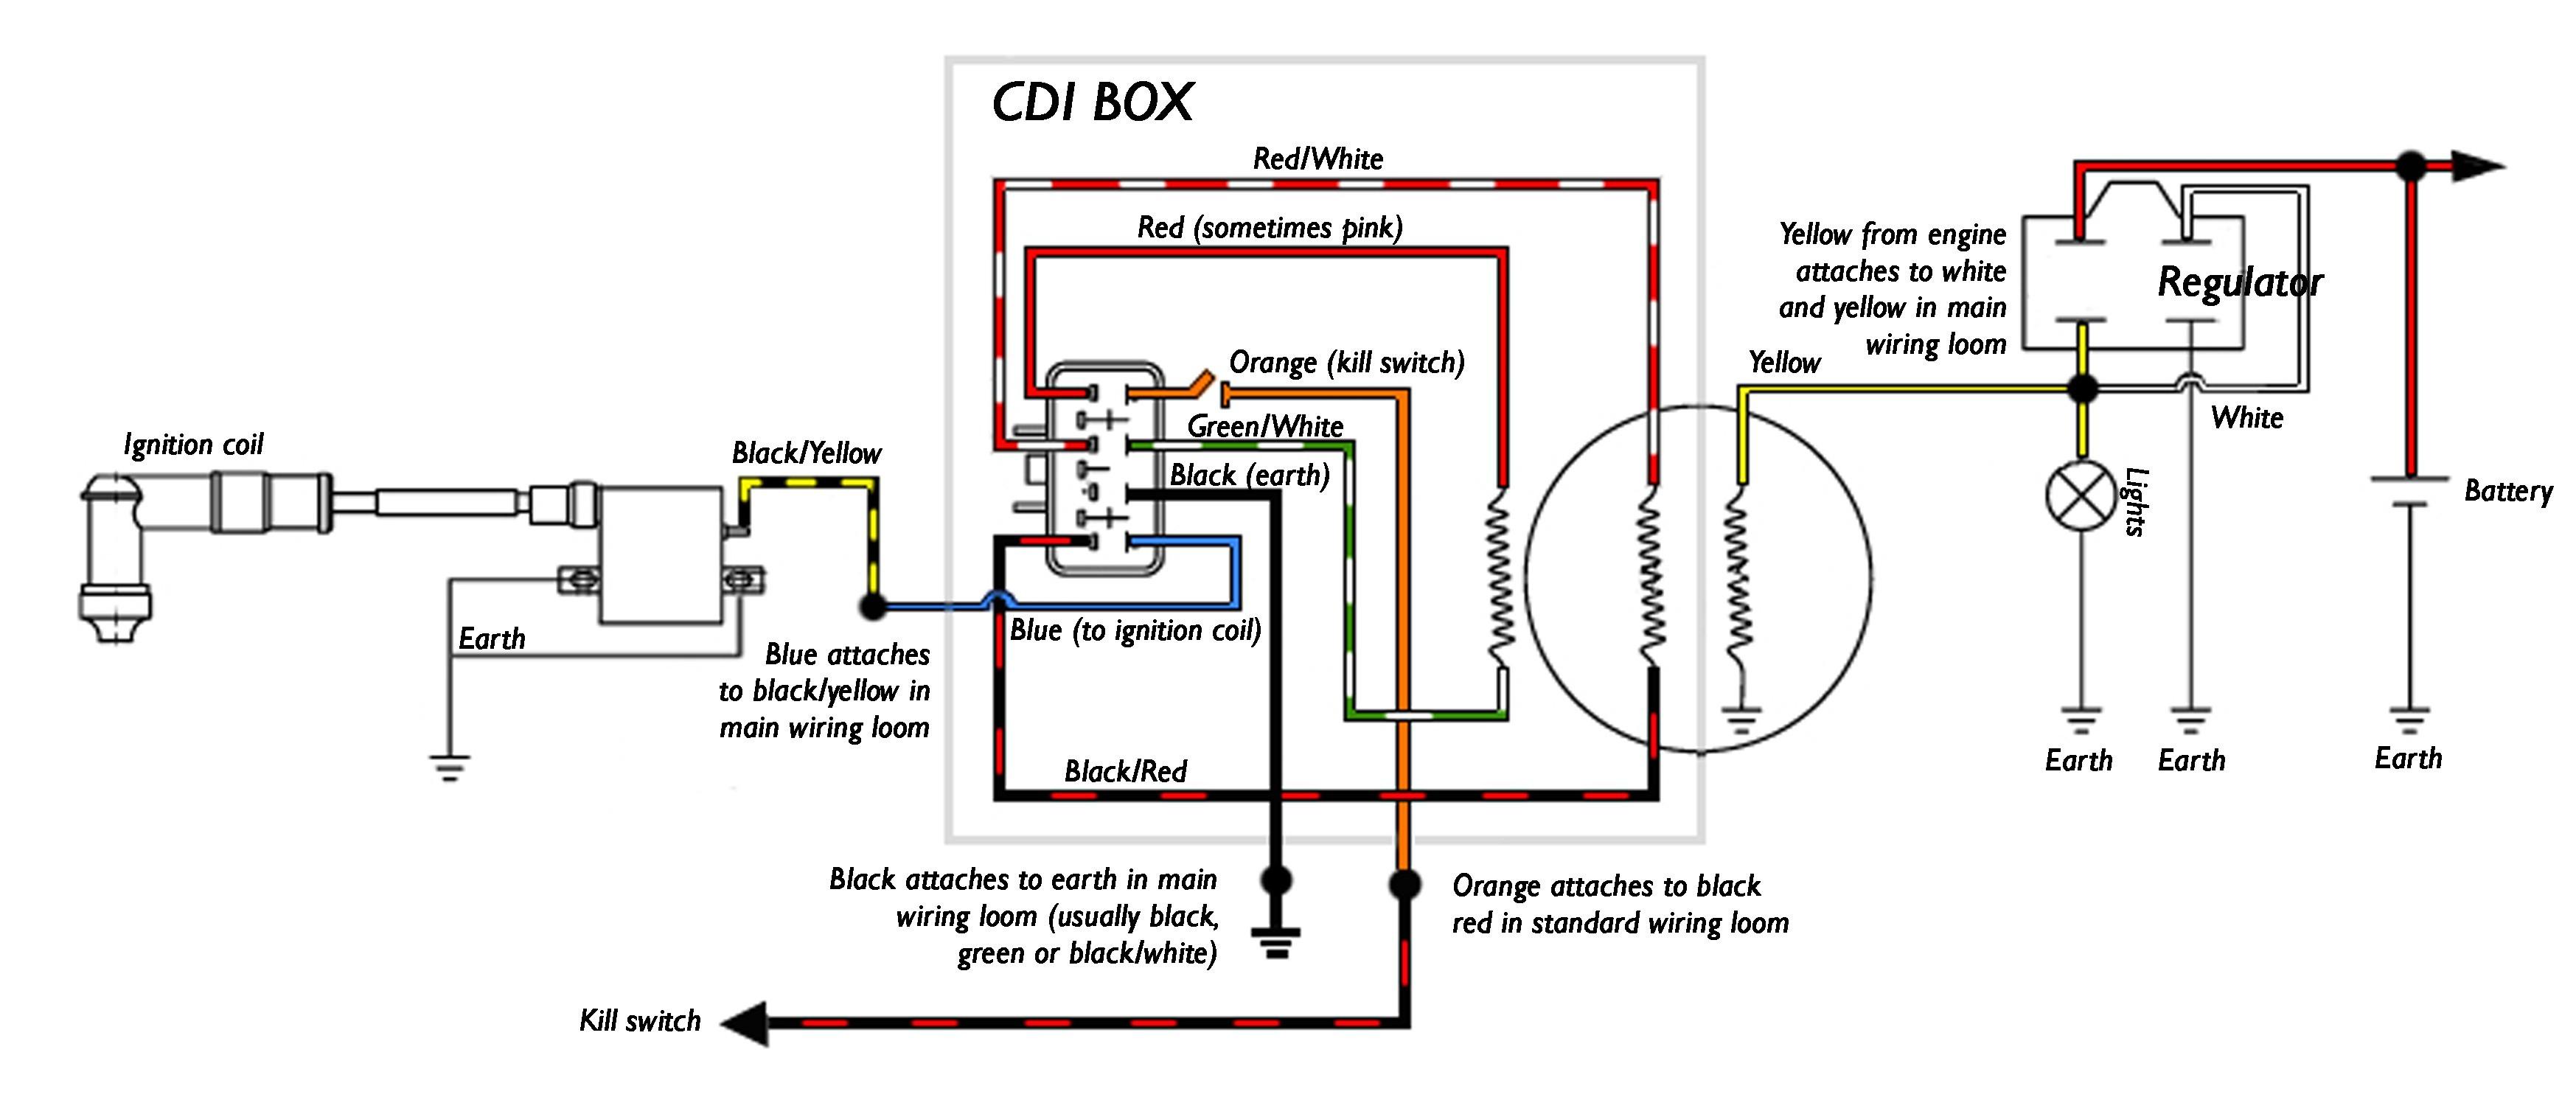 5 Pin Cdi Wiring Diagram - Panoramabypatysesma - Cdi Wiring Diagram